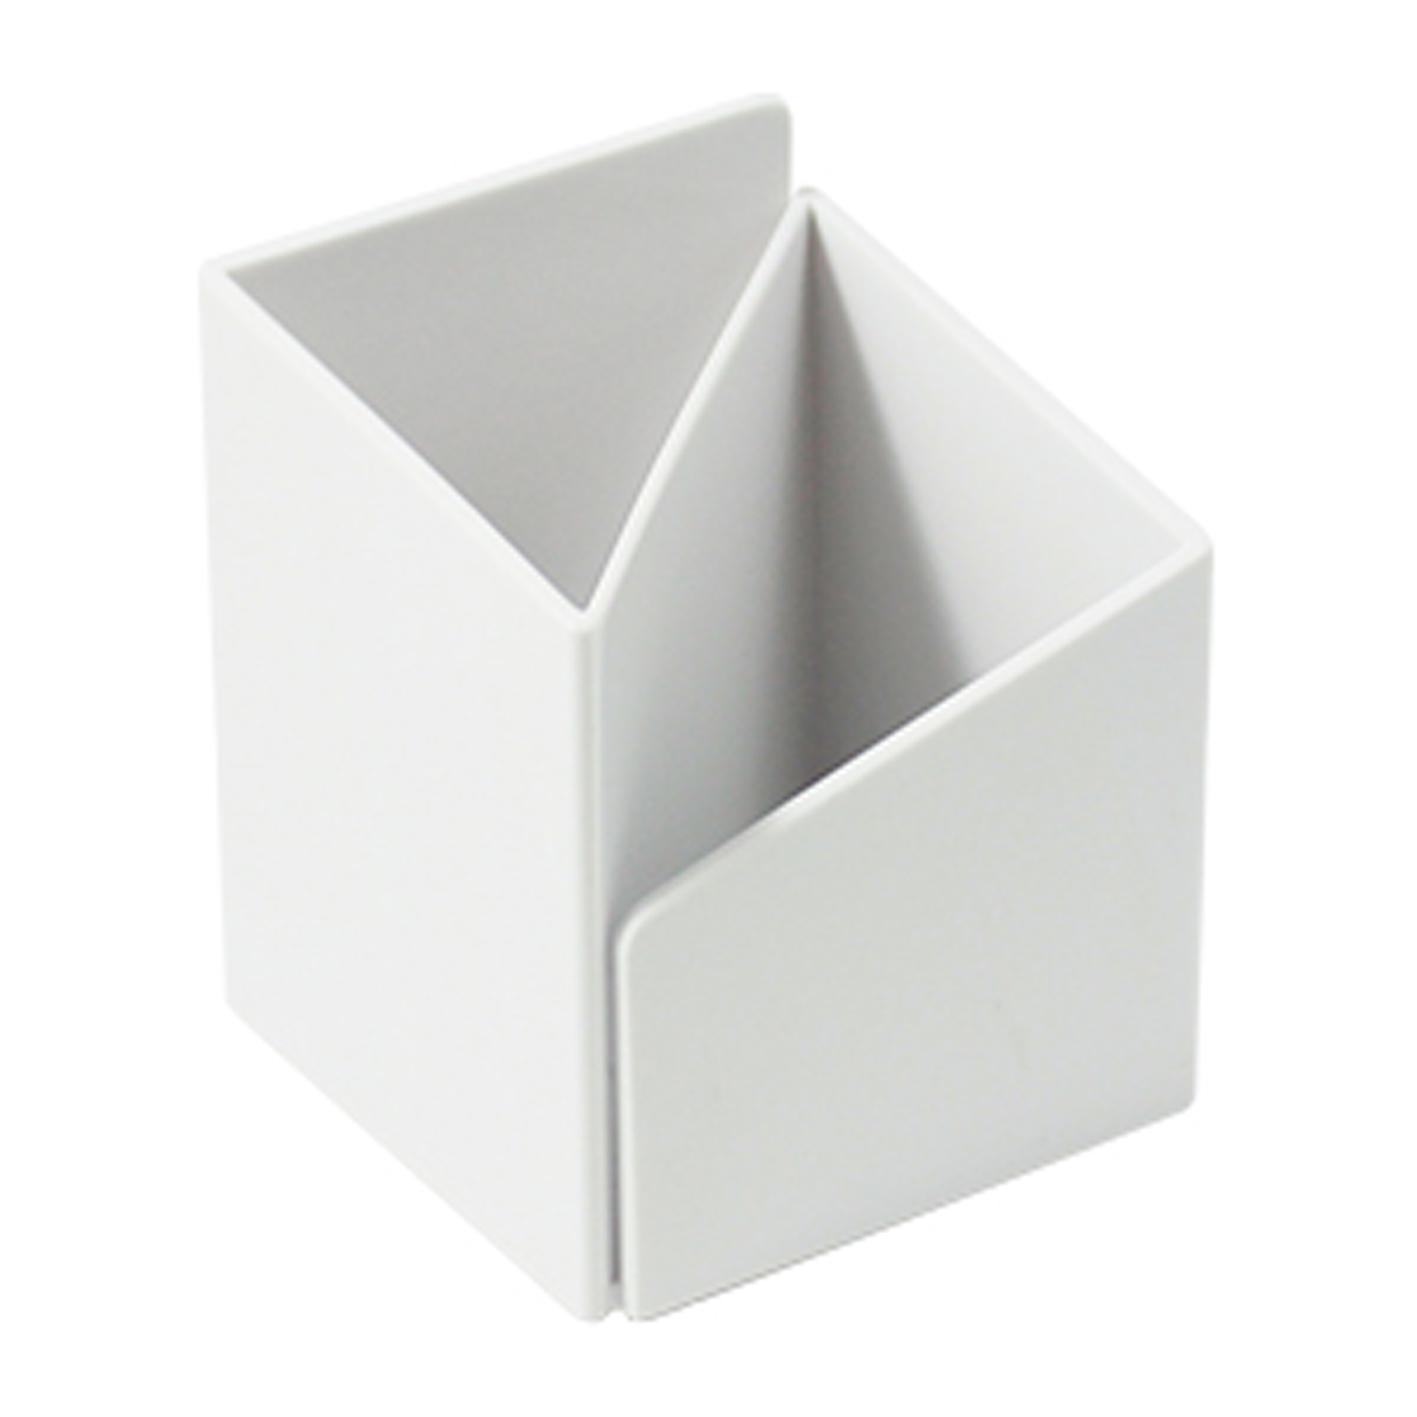 ABEL 03516 白 轉角筆筒